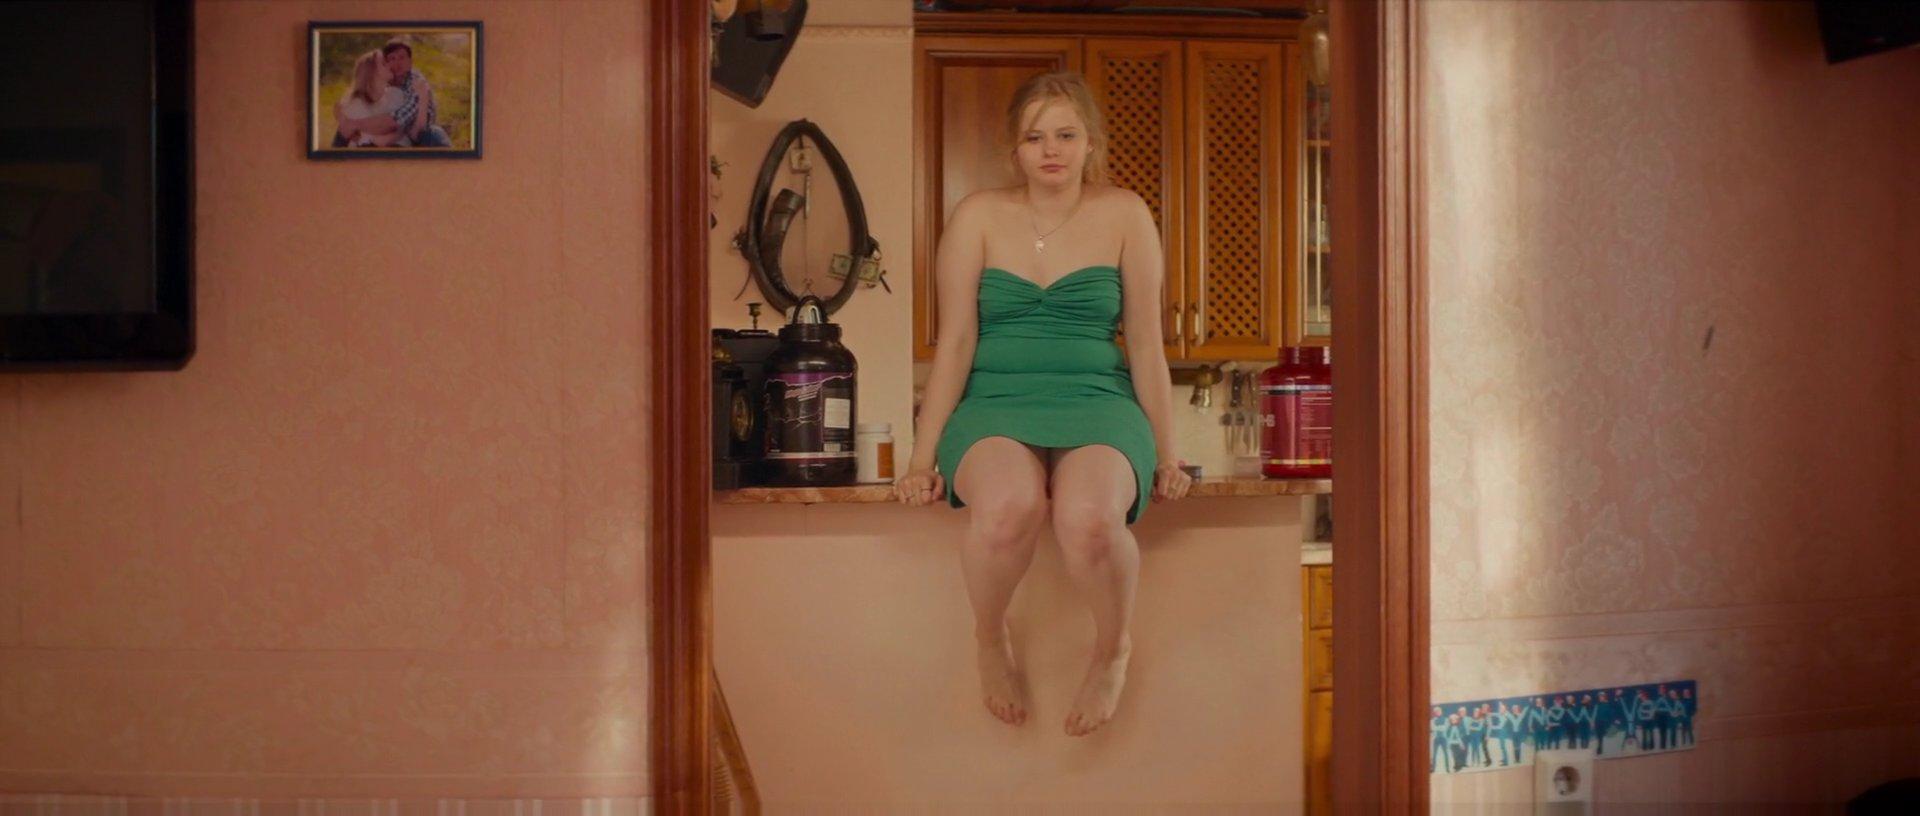 Фильмы про пытающихся похудеть